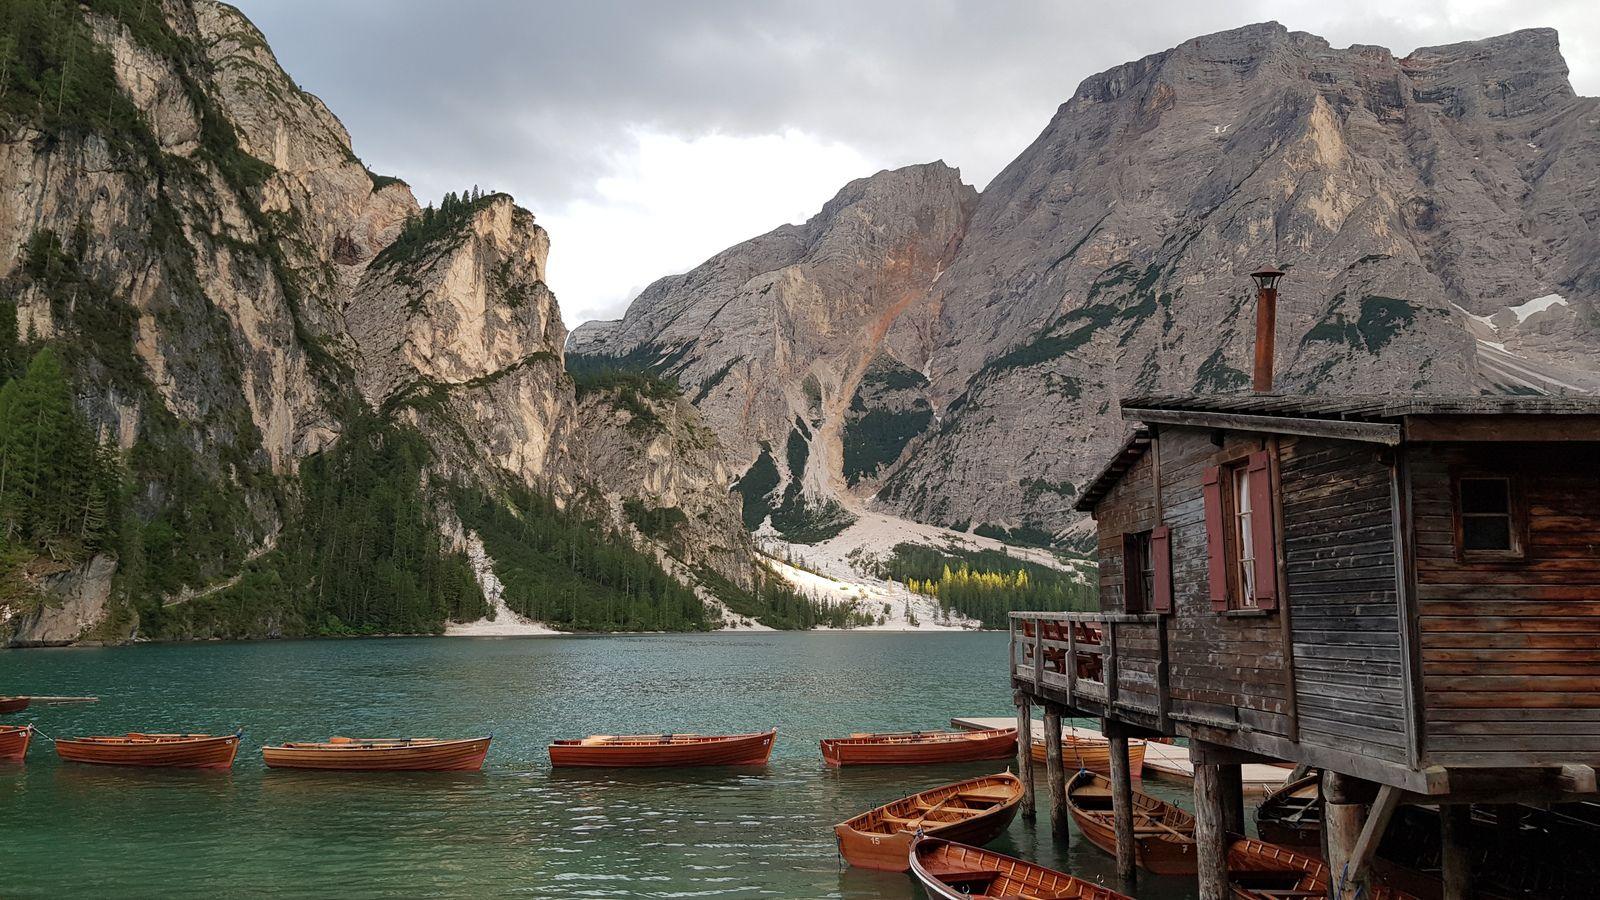 Juillet : 1 mois en Italie et un vrai coup de coeur pour la région des dolomites !